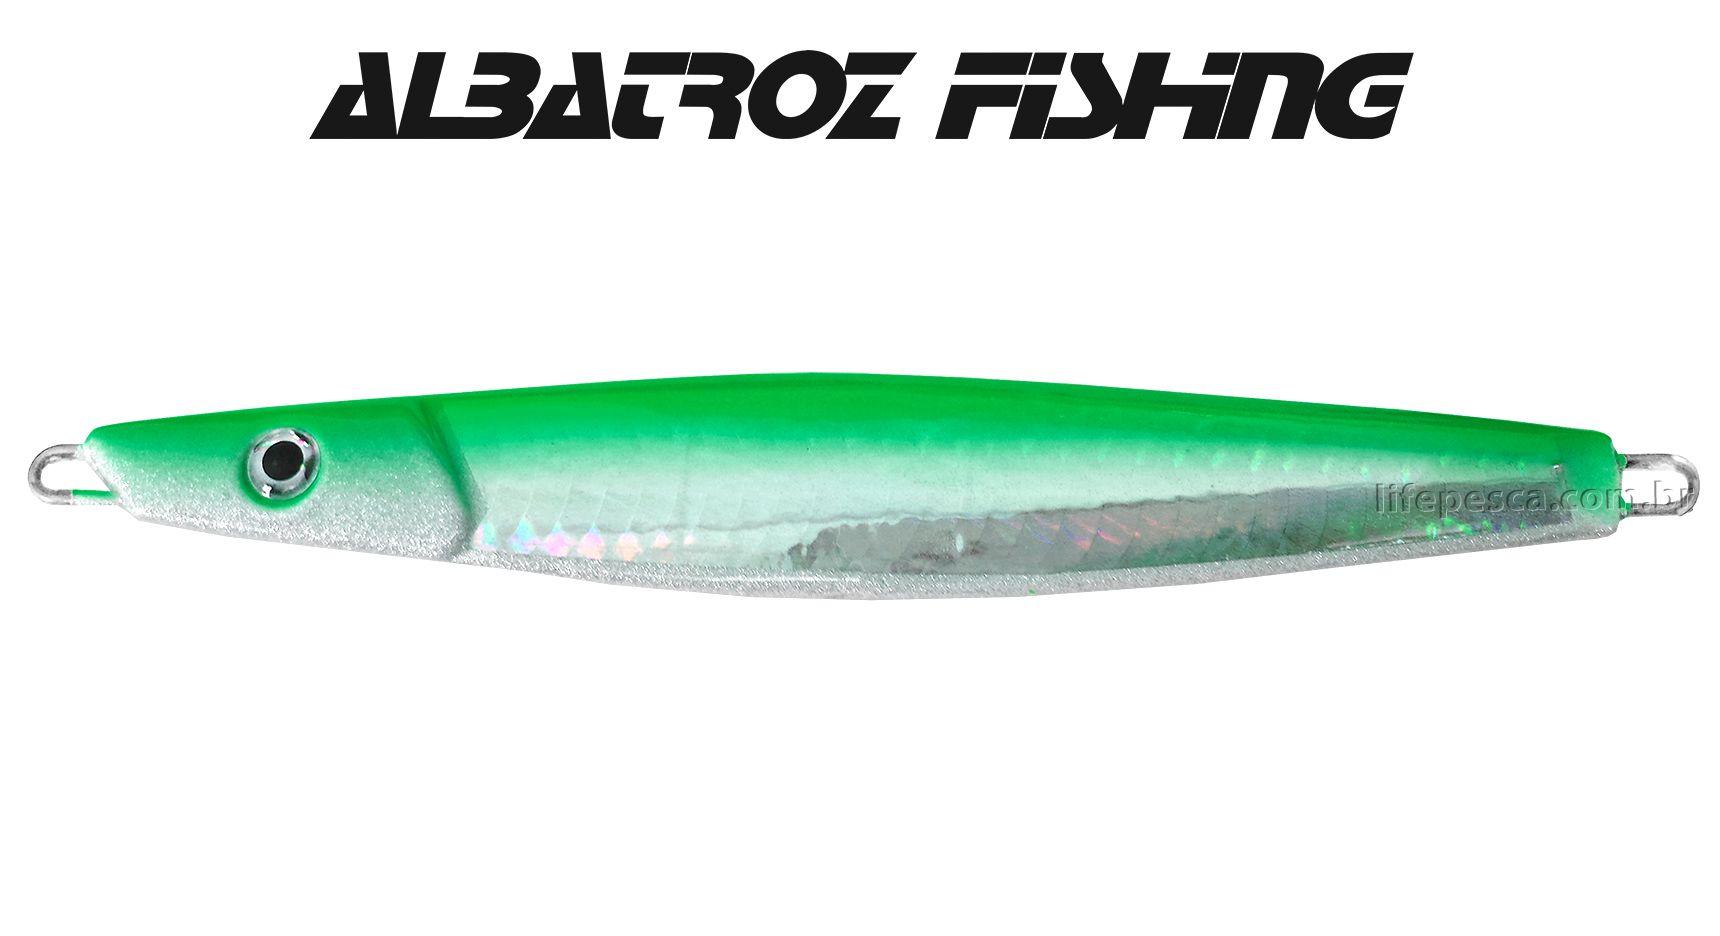 Isca Artificial Albatroz Fishing  Jumping Jig Dragon (100g) - Várias Cores  - Life Pesca - Sua loja de Pesca, Camping e Lazer